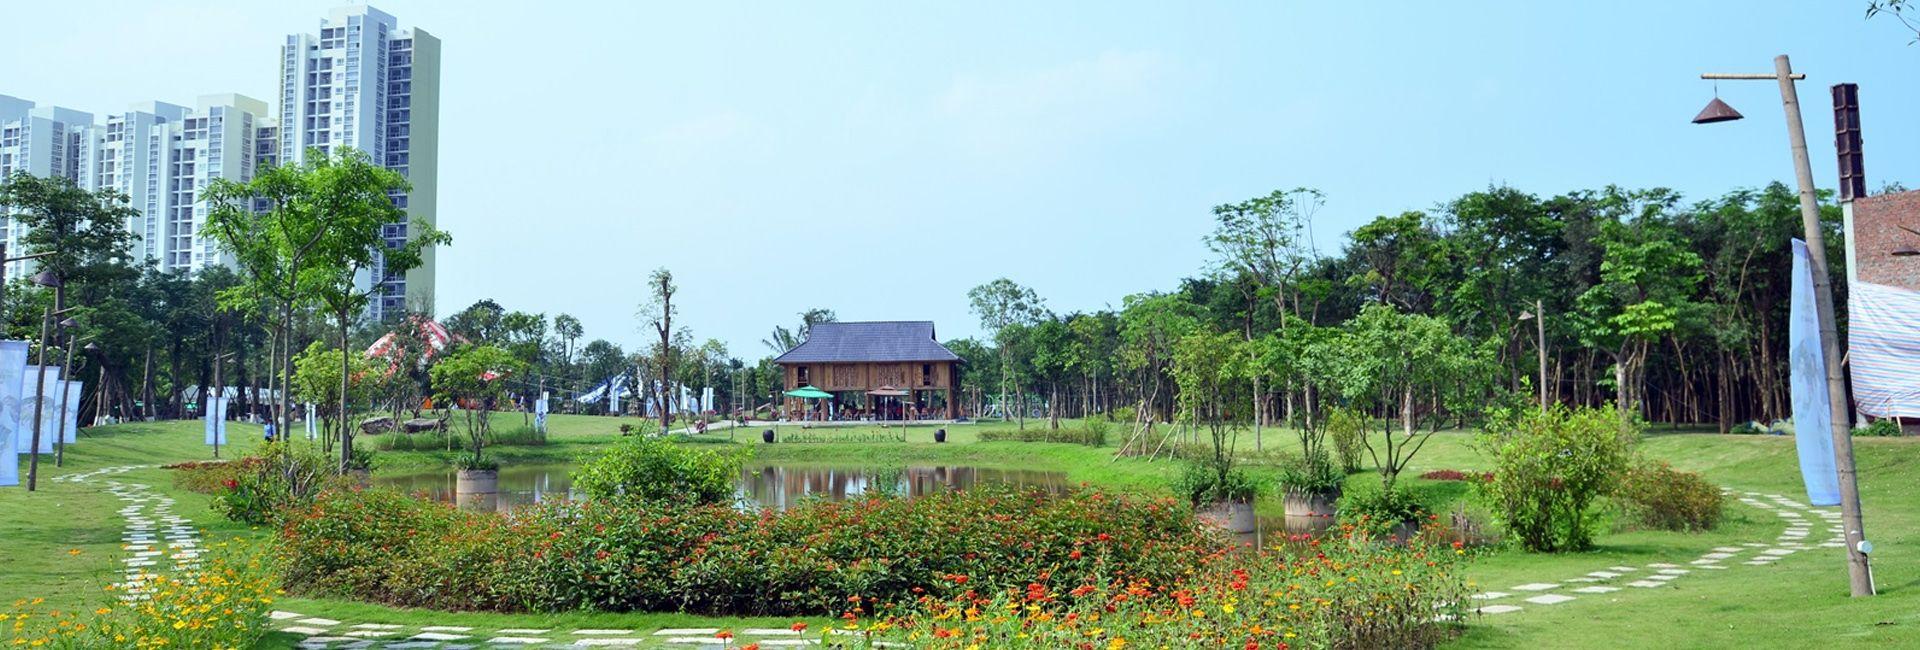 Ecopark Hà Nội - Điểm dã ngoại cuối tuần hấp dẫn